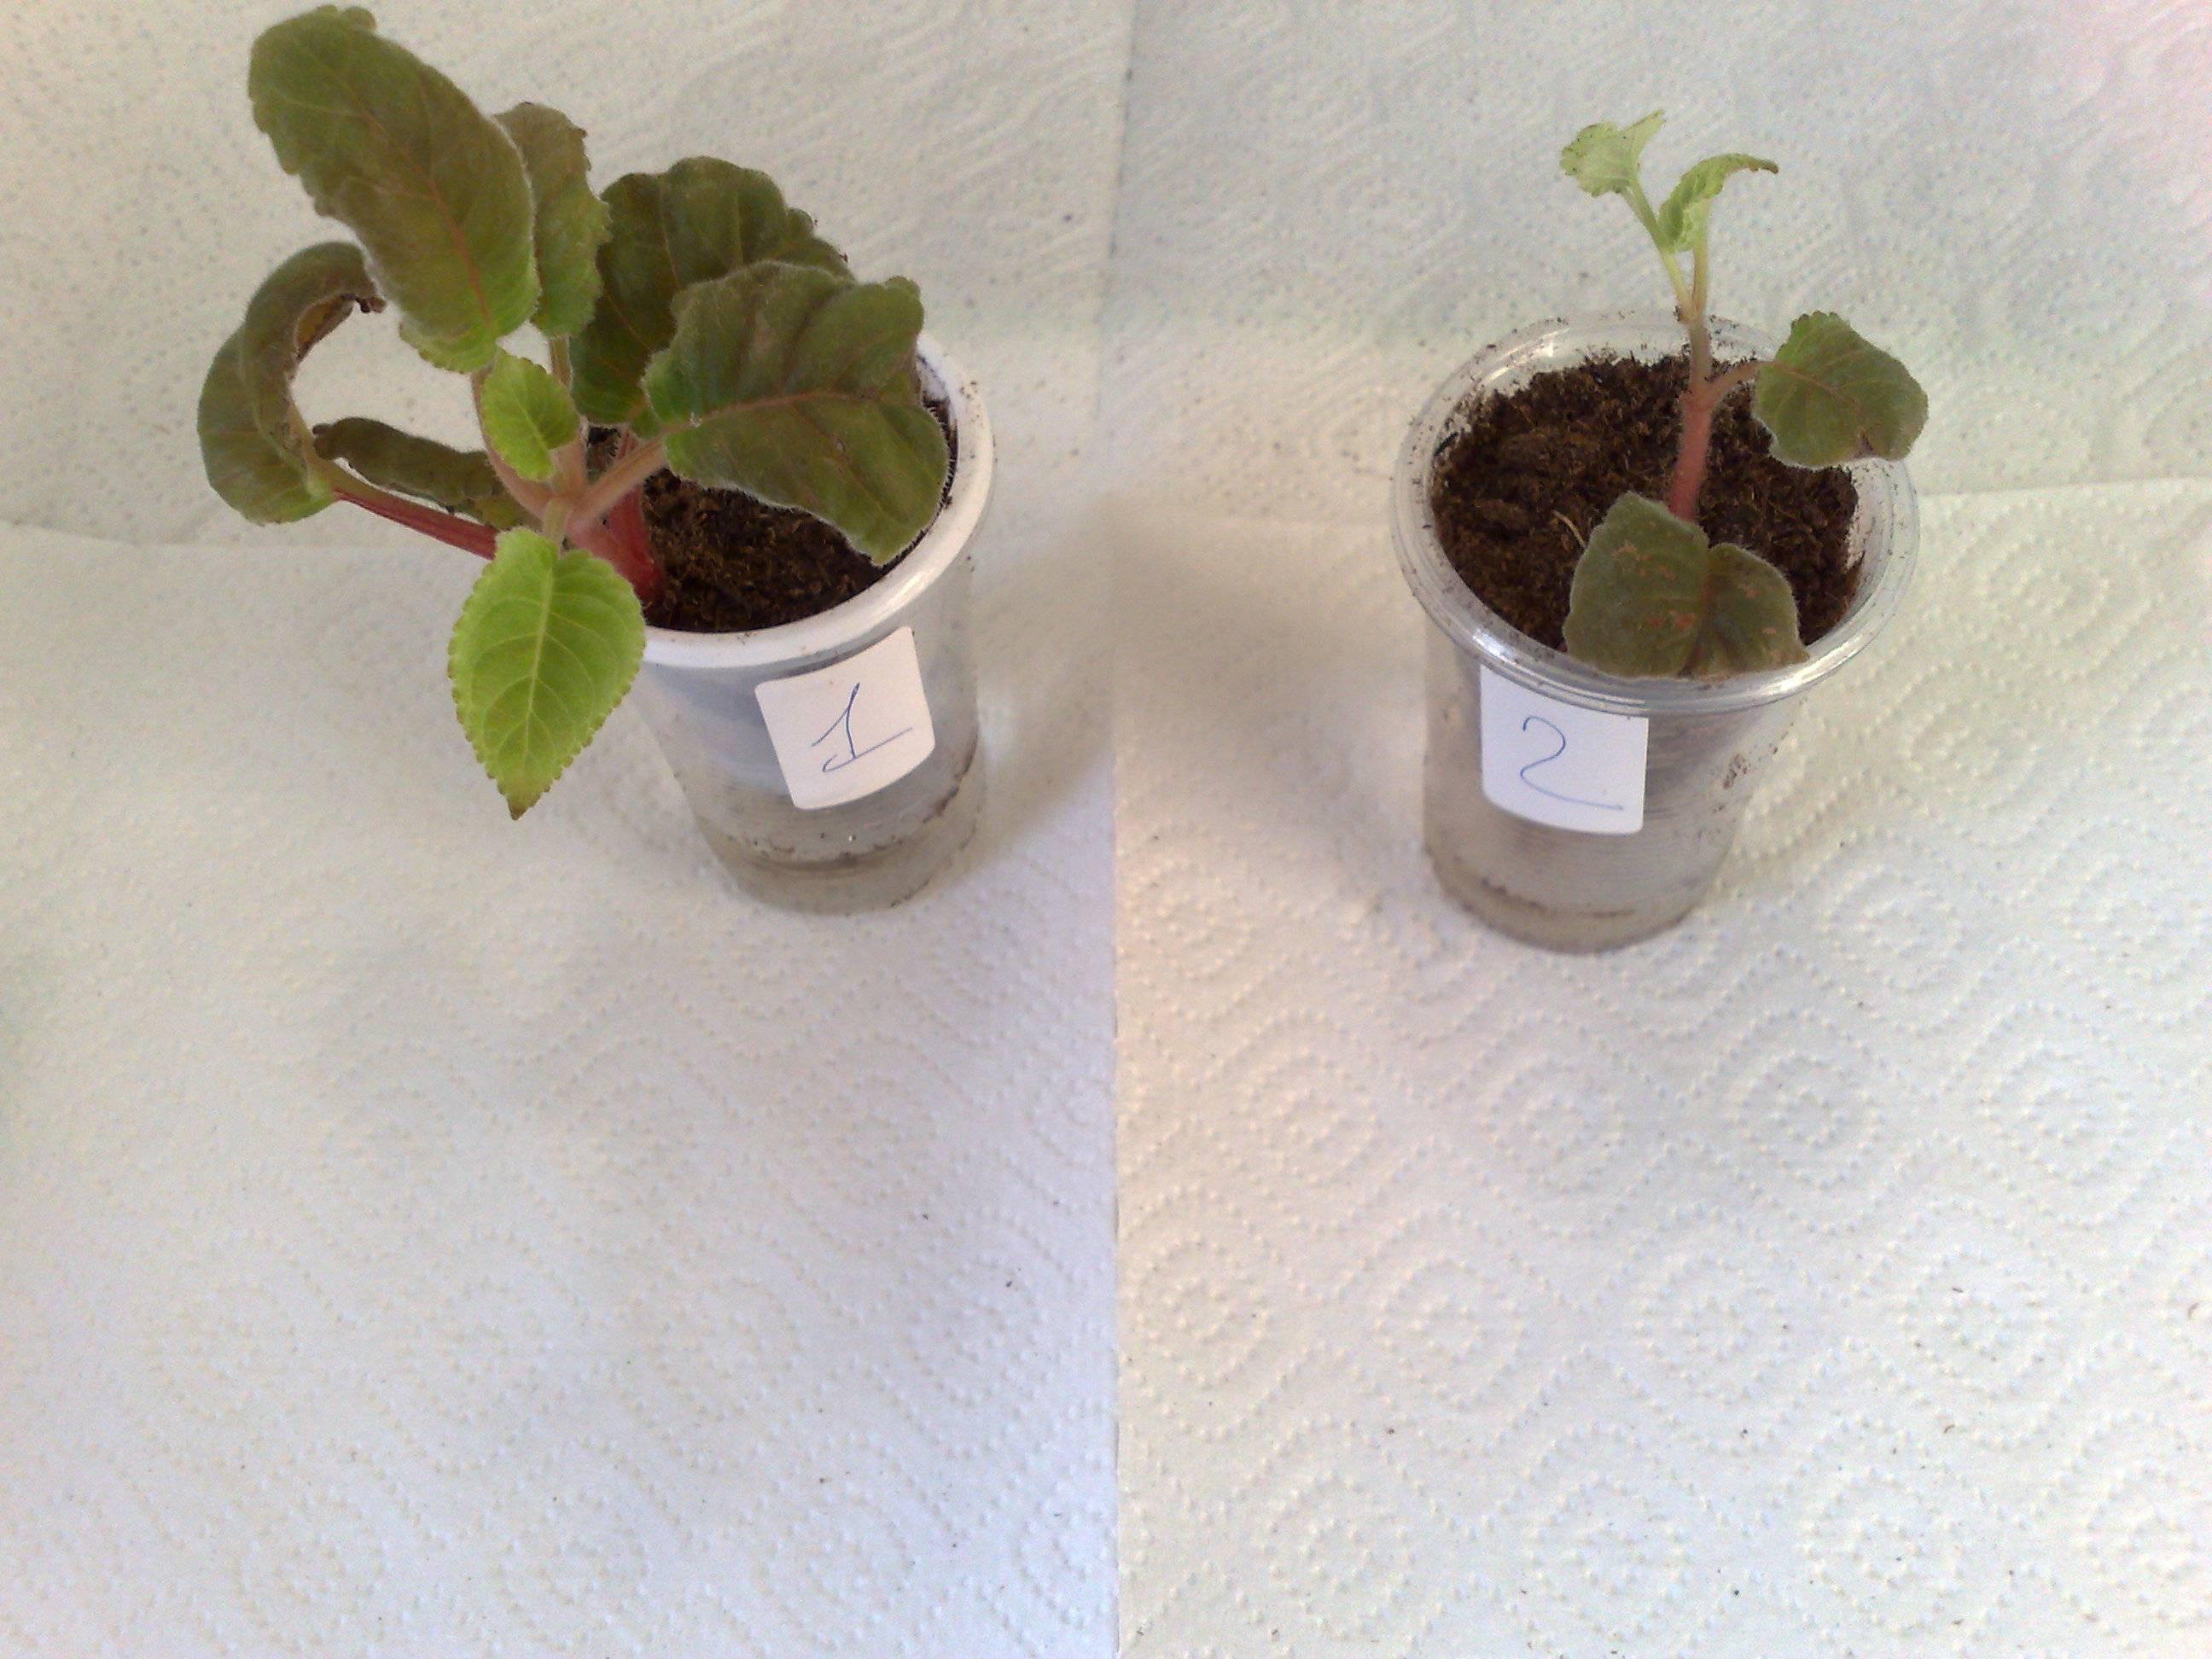 Как посадить глоксинию из листа, как правильно укоренить растение в земле, что бы оно не пропало, фото